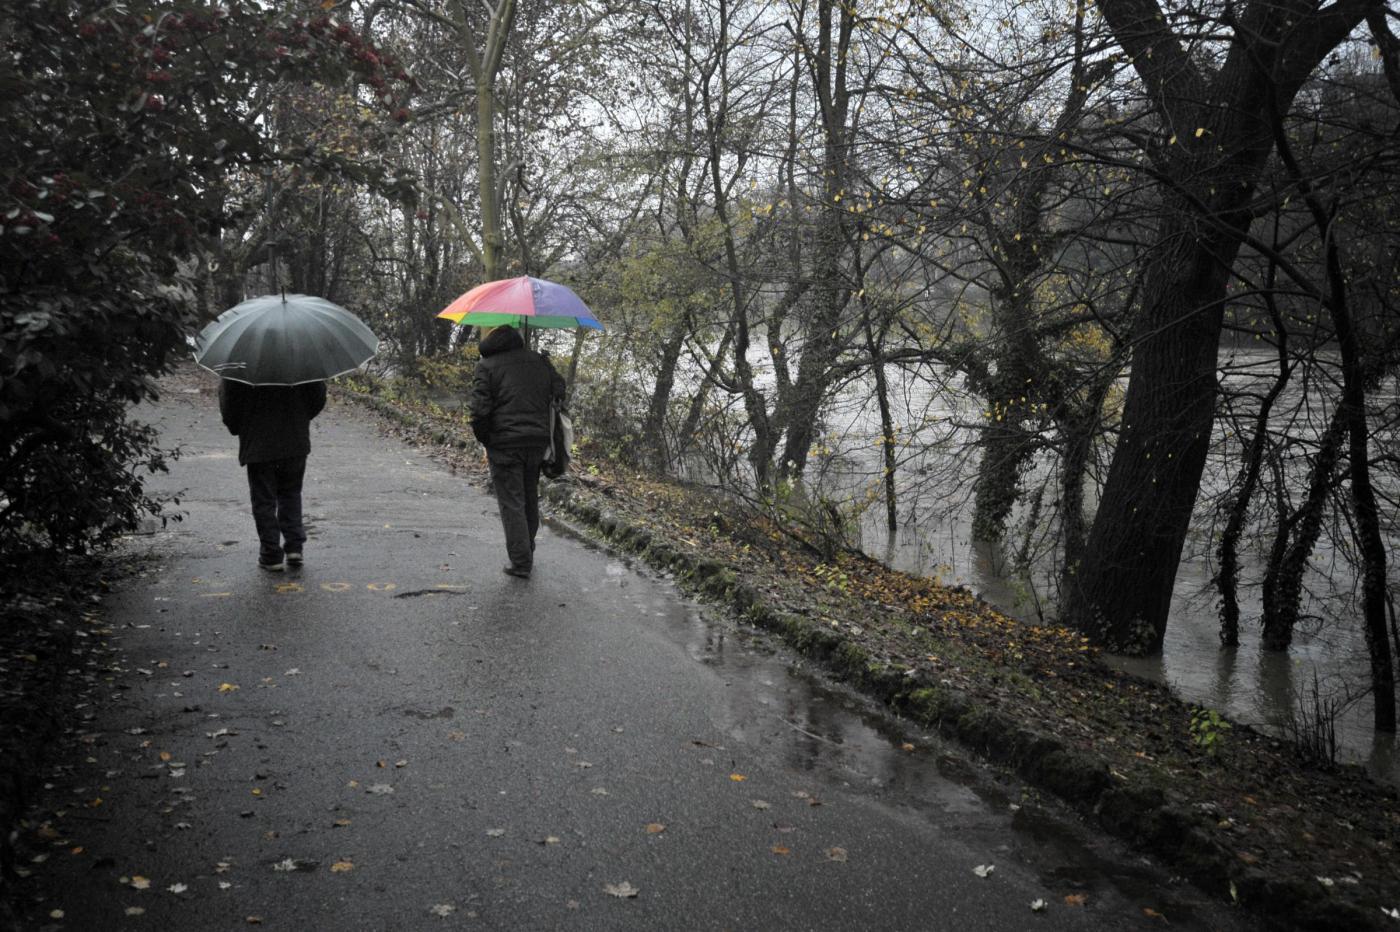 Previsioni meteo Italia dicembre 2014: in arrivo neve e freddo